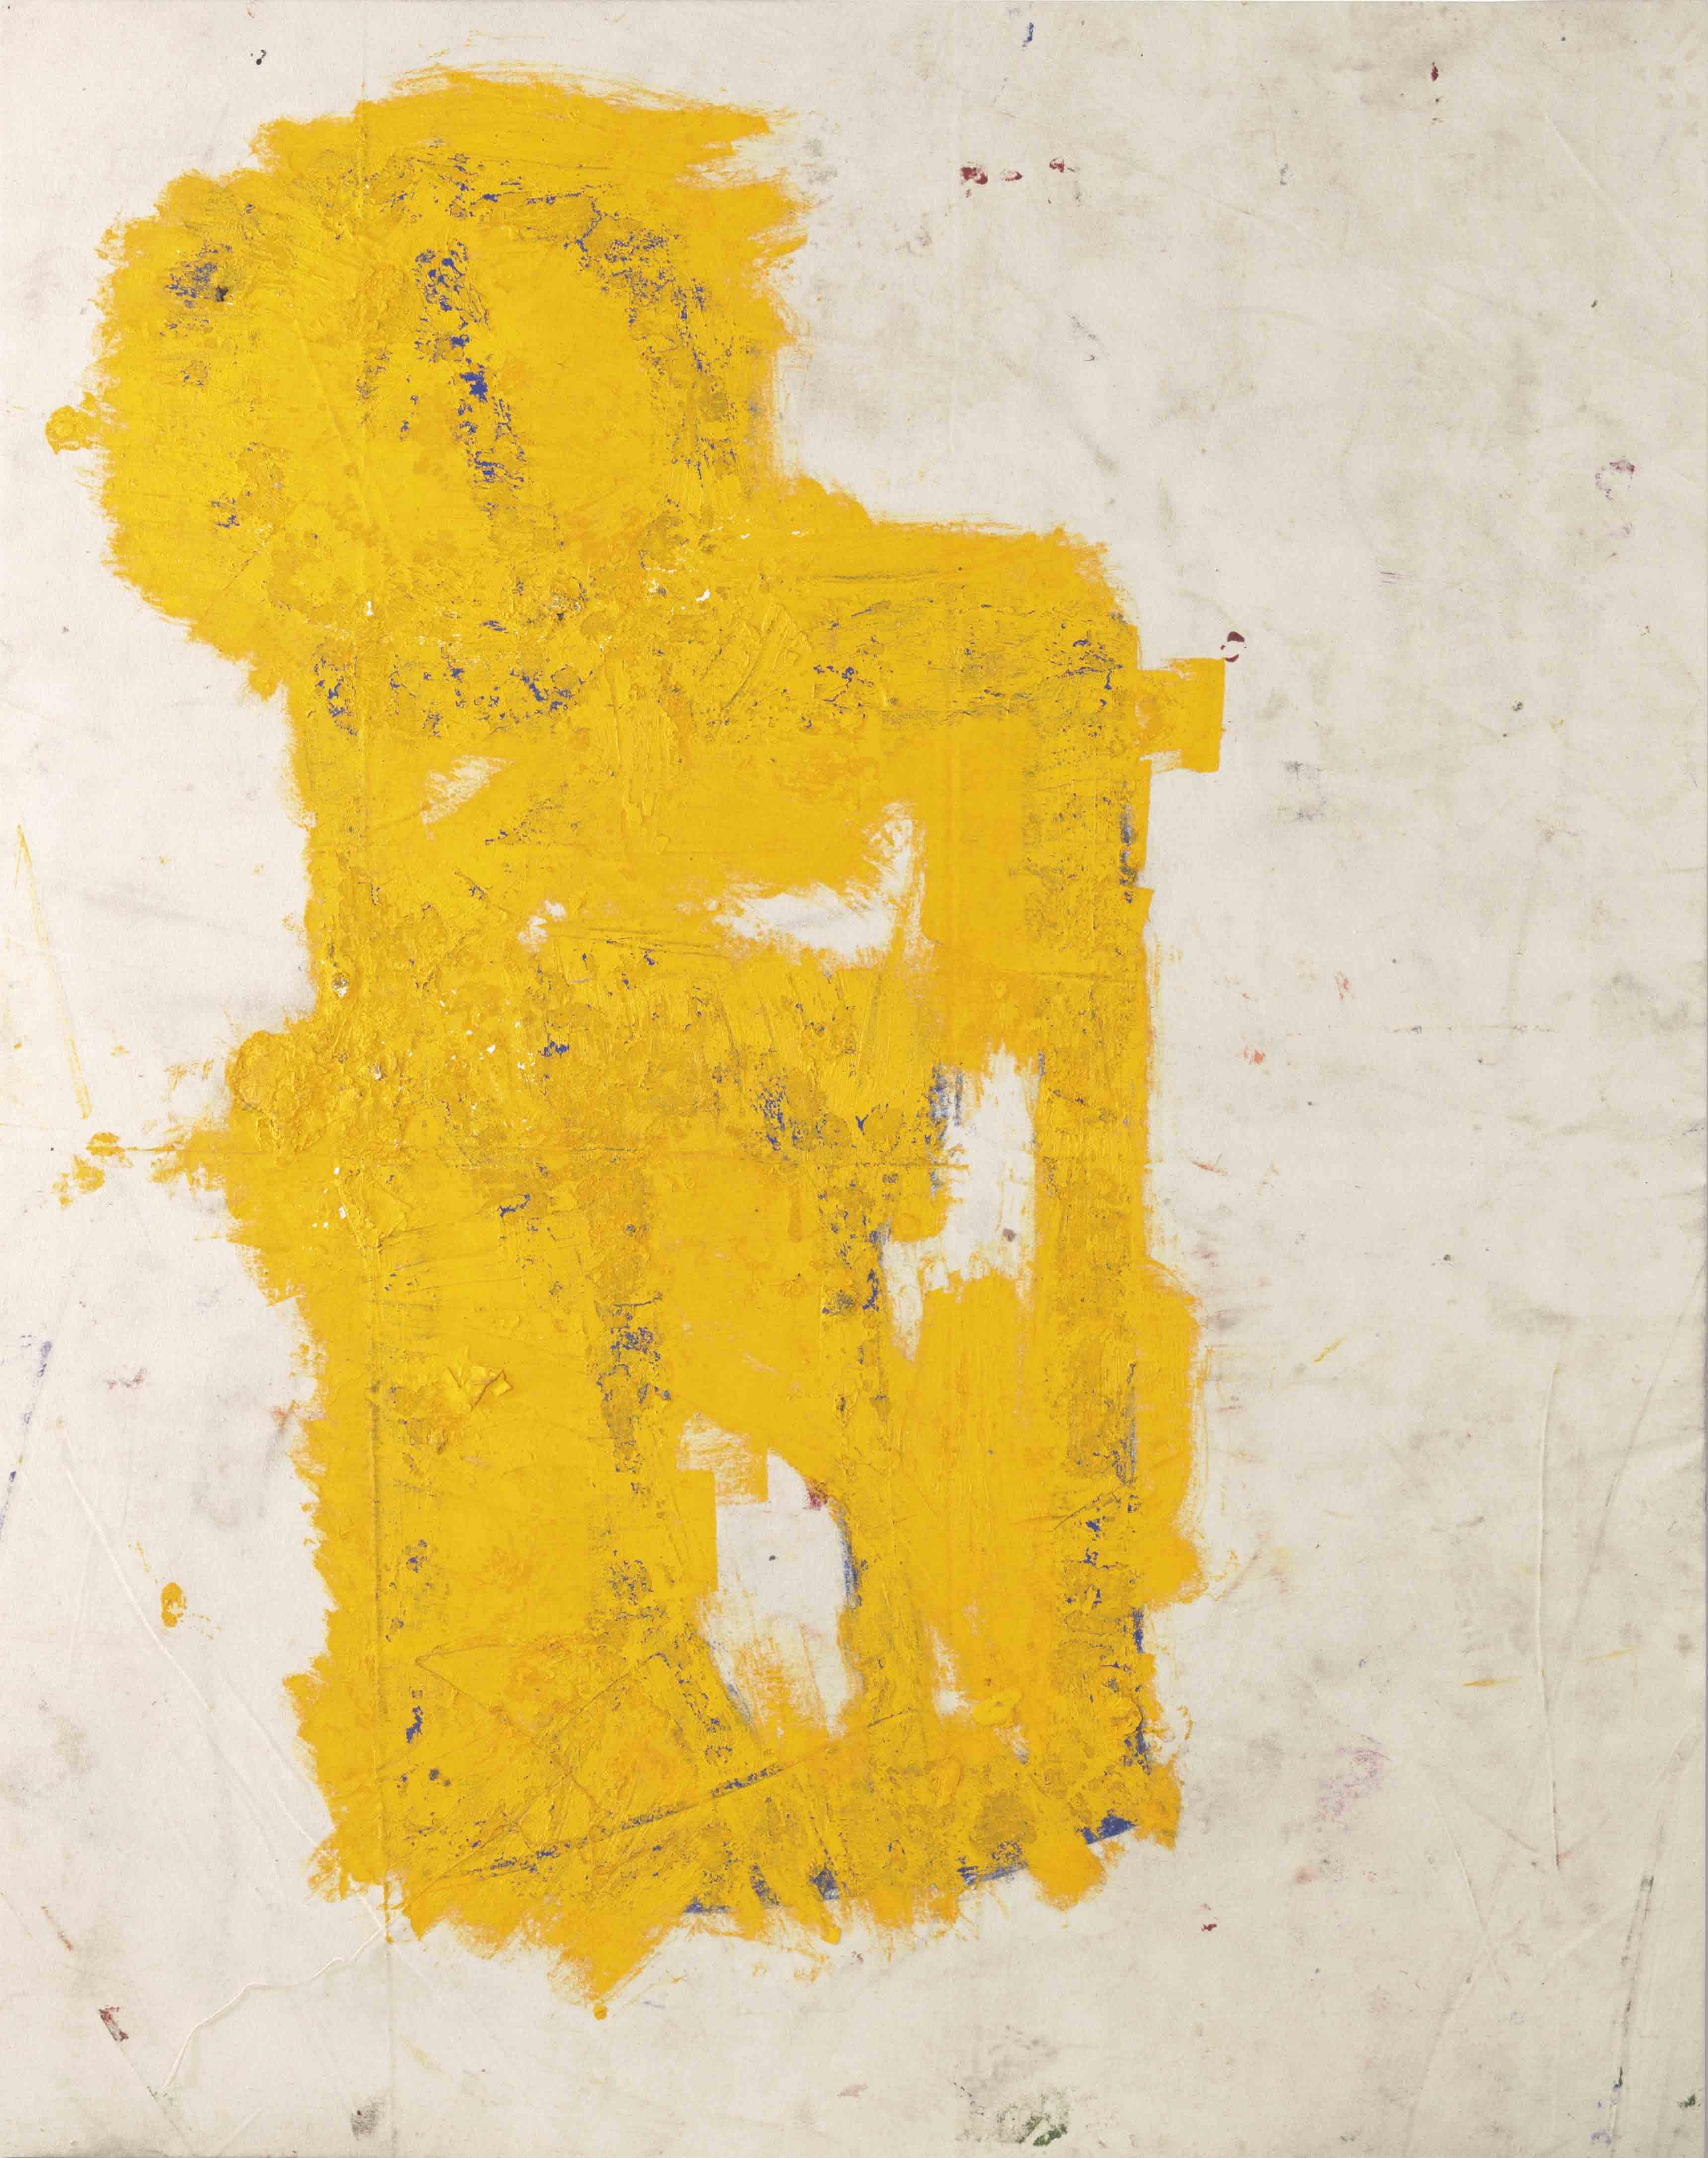 """Lot 13. Joe Bradley (né en 1975), """"Can"""", signé, titré et daté 'Joe Bradley 18 Can' (sur le revers), huile sur toile. 148.6 x 116.8 cm. Réalisé en 2018. Estimation : €150,000–200,000 ($190,000–240,000)."""